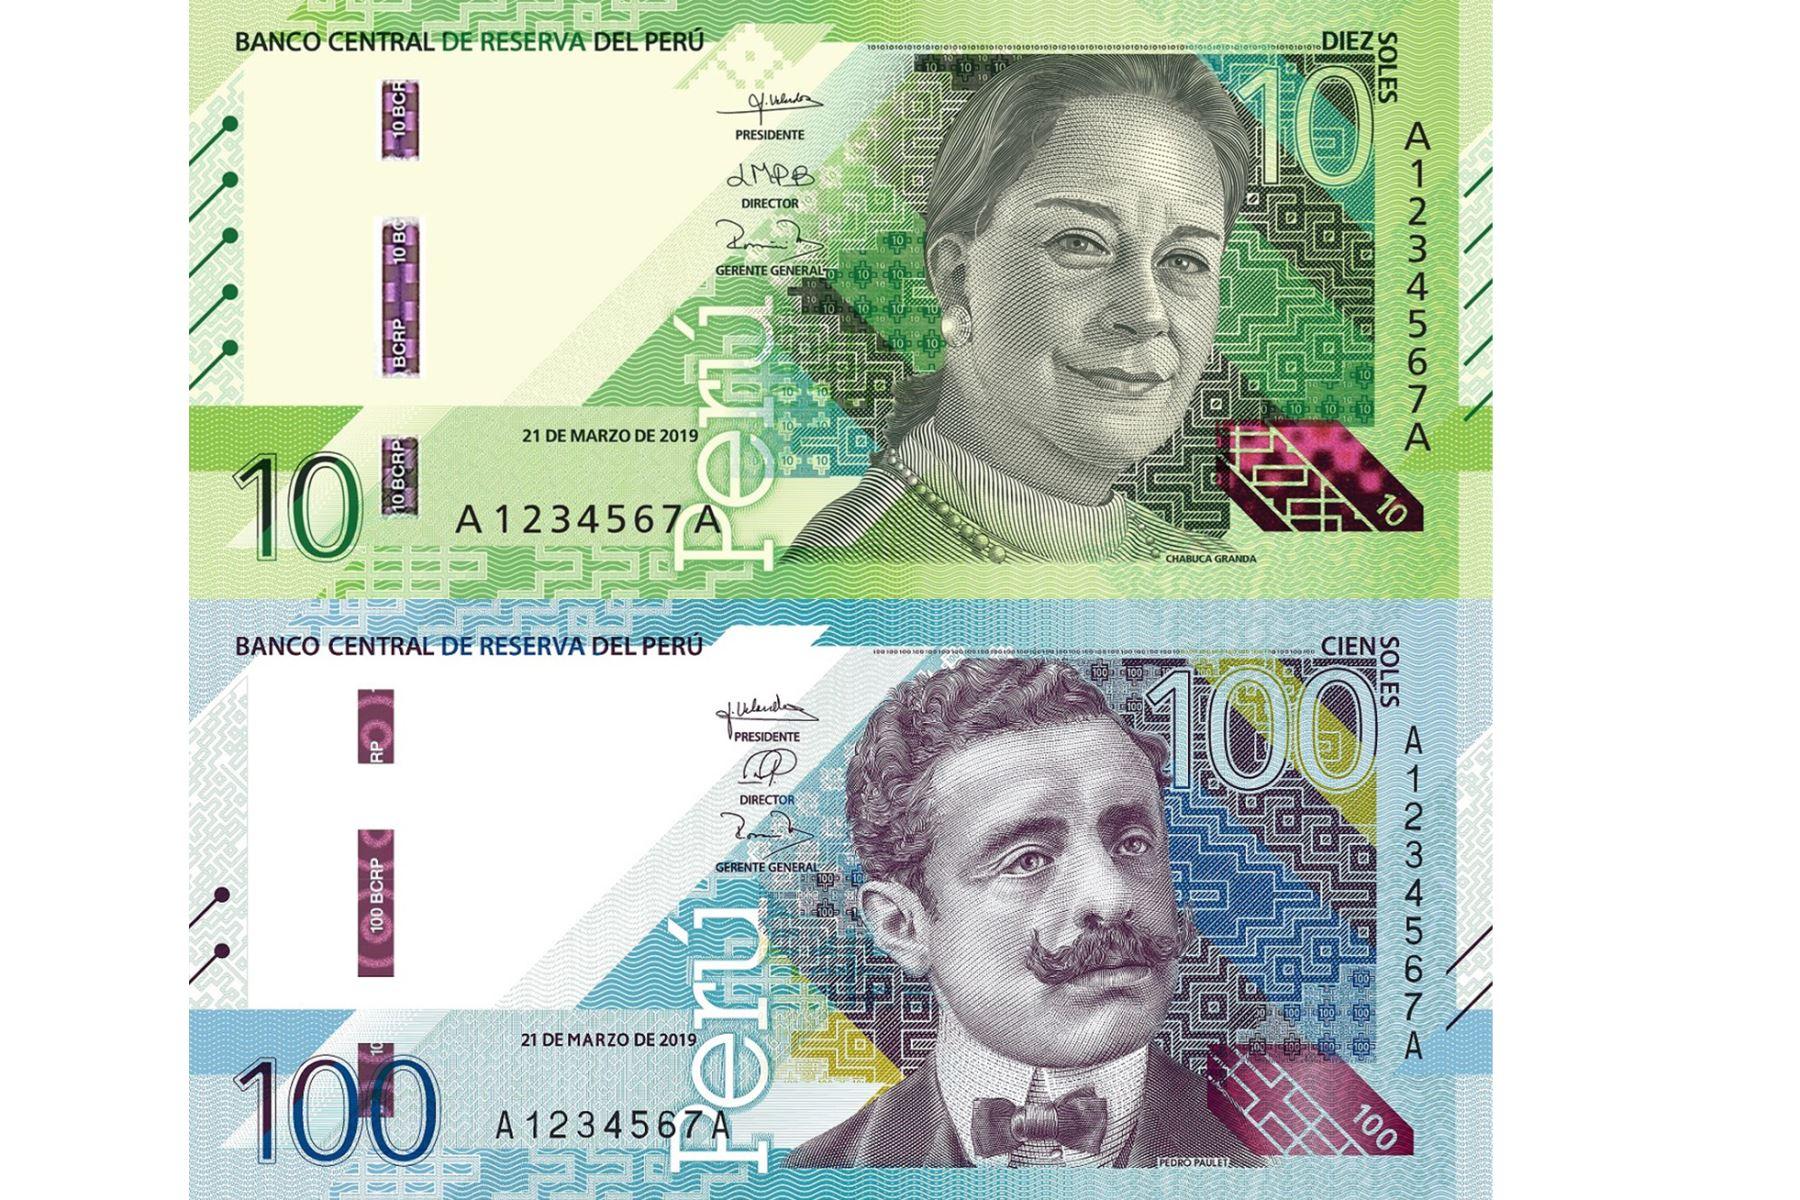 Nuevos billetes de S/ 10 y S/ 100 con nuevos diseños